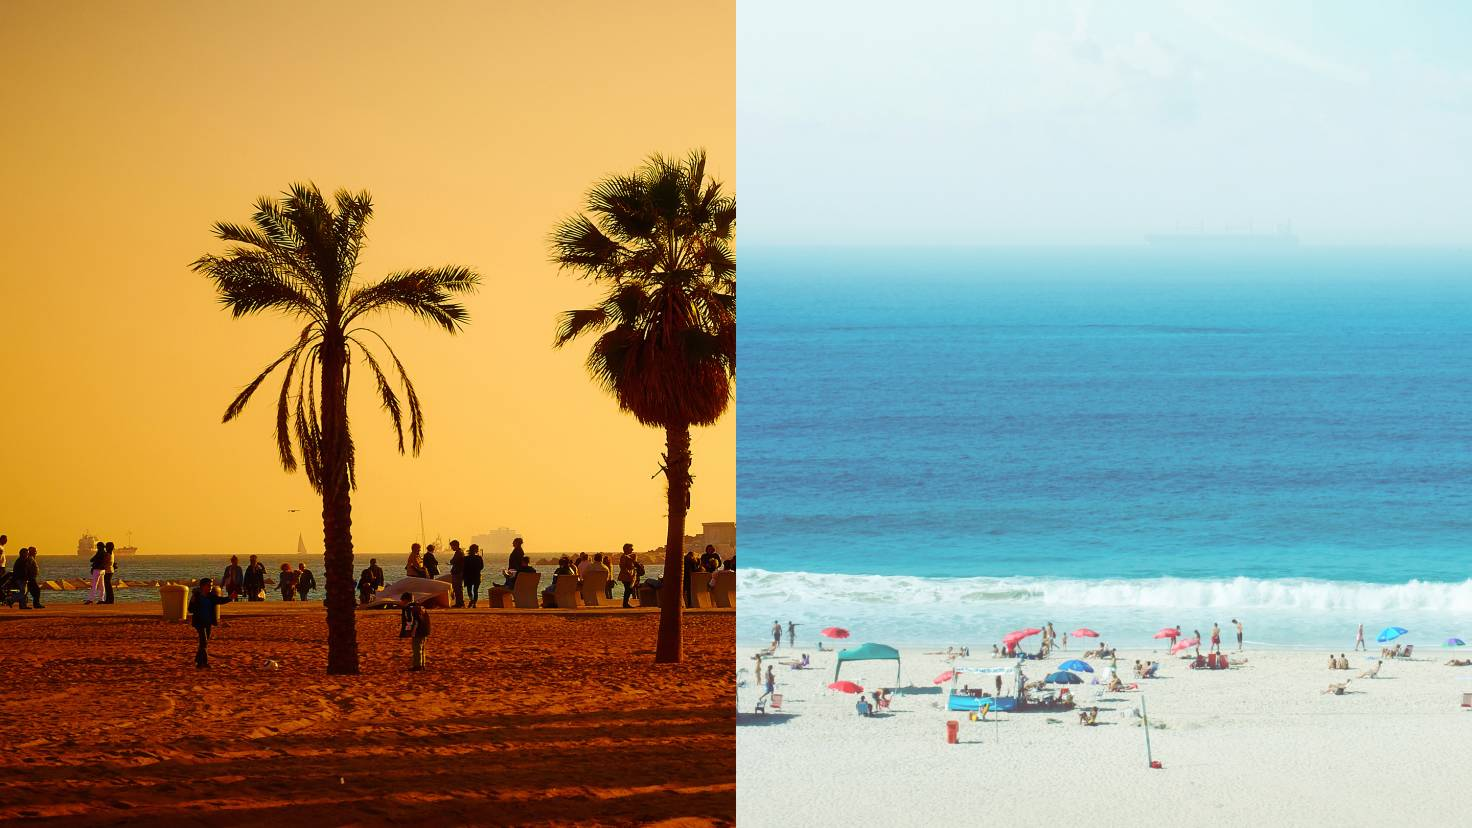 Великолепные пляжи Барселоны и Рио-де-Жанейро